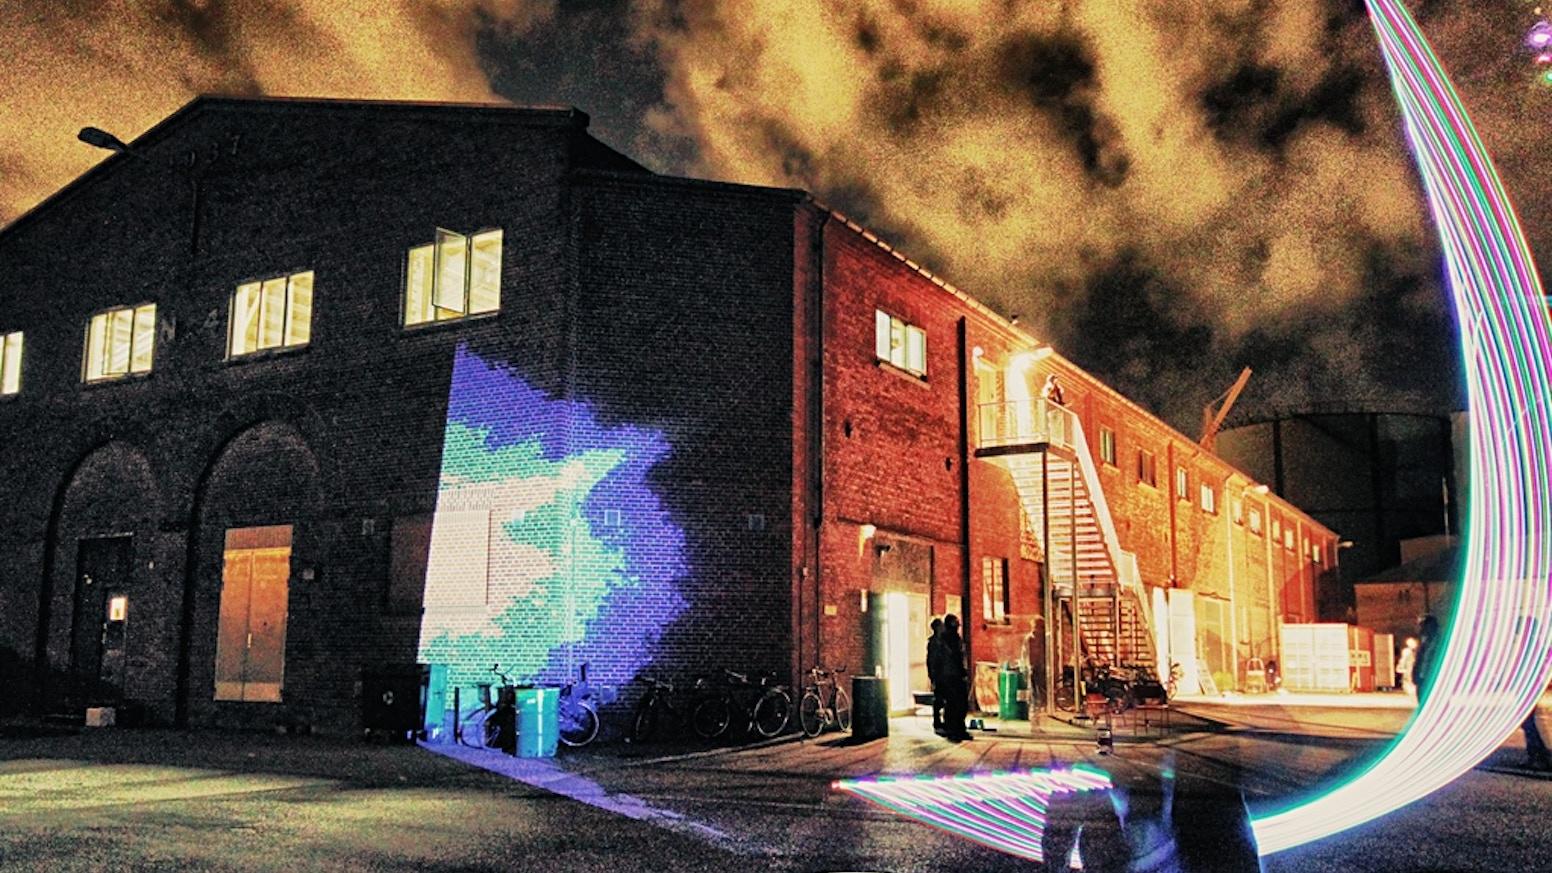 Vi laver en bog om Platform4, det kreative hus for kunst og teknologi - en fortælling om community, projekter og eksperimenter!